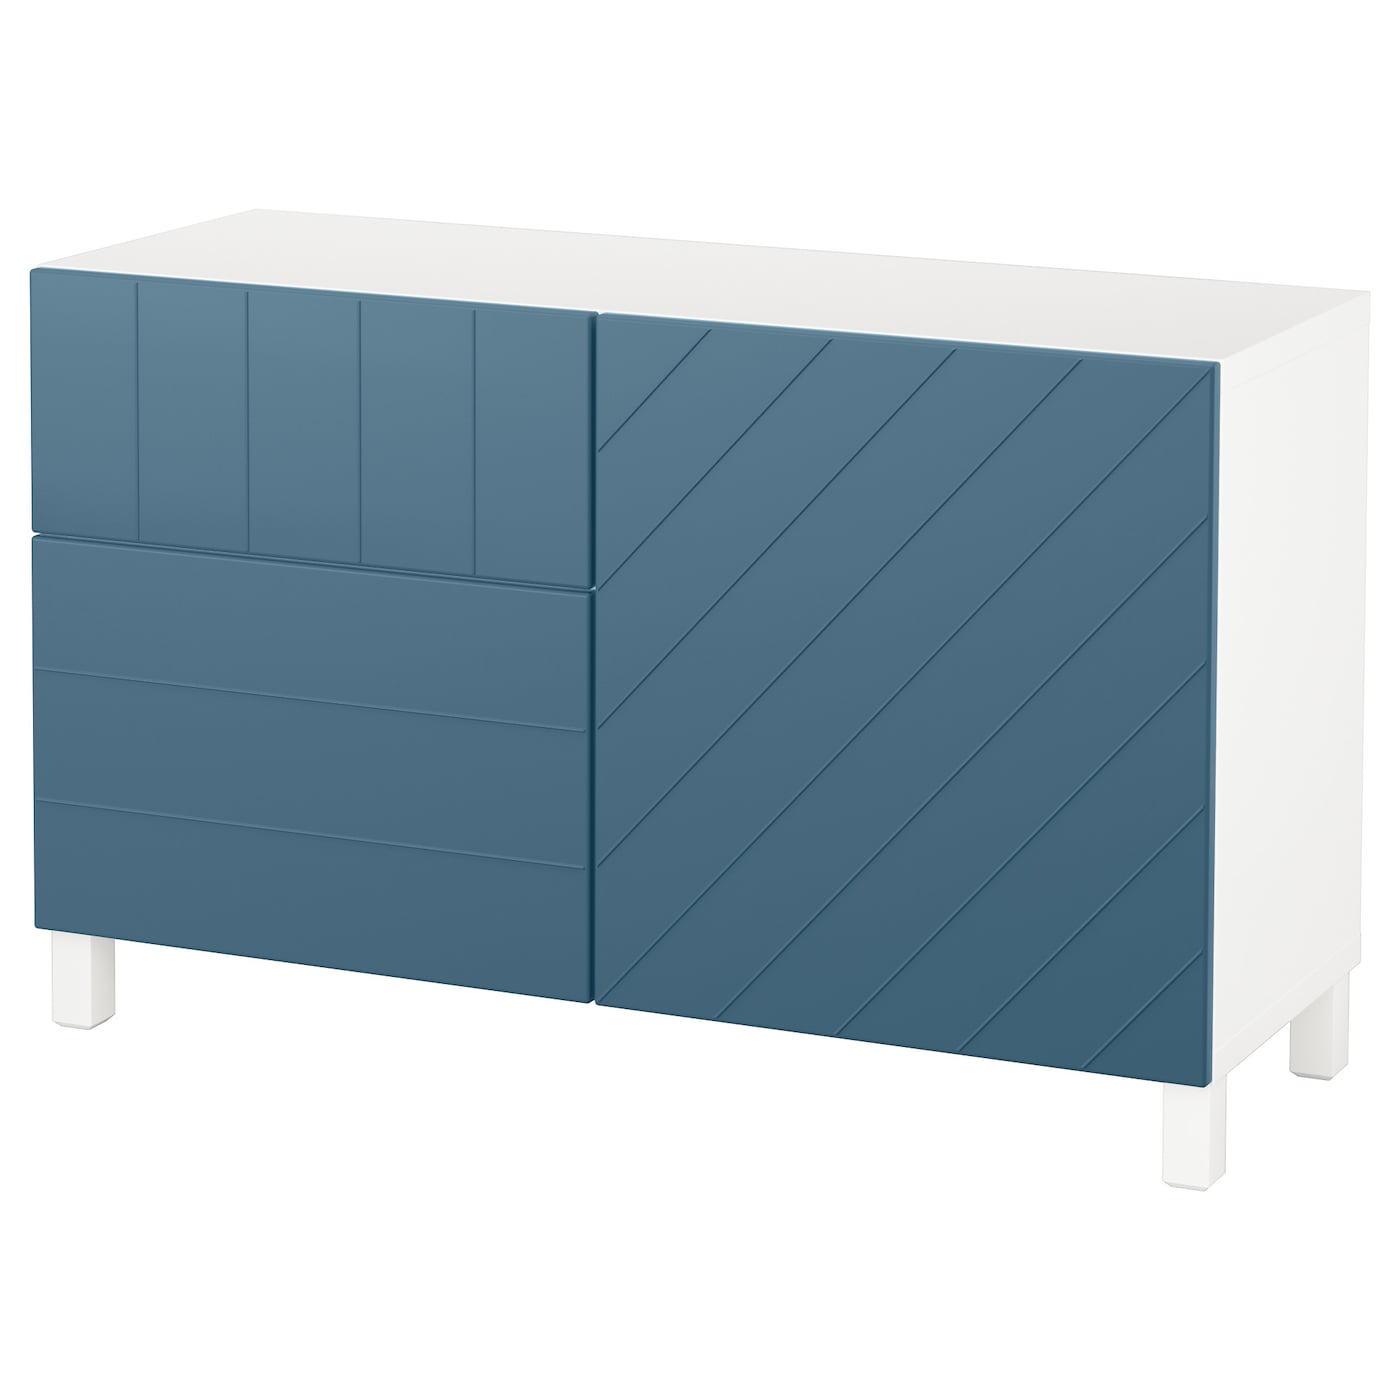 BESTÅ Aufbewkomb.+Türen/Schubladen - IKEA